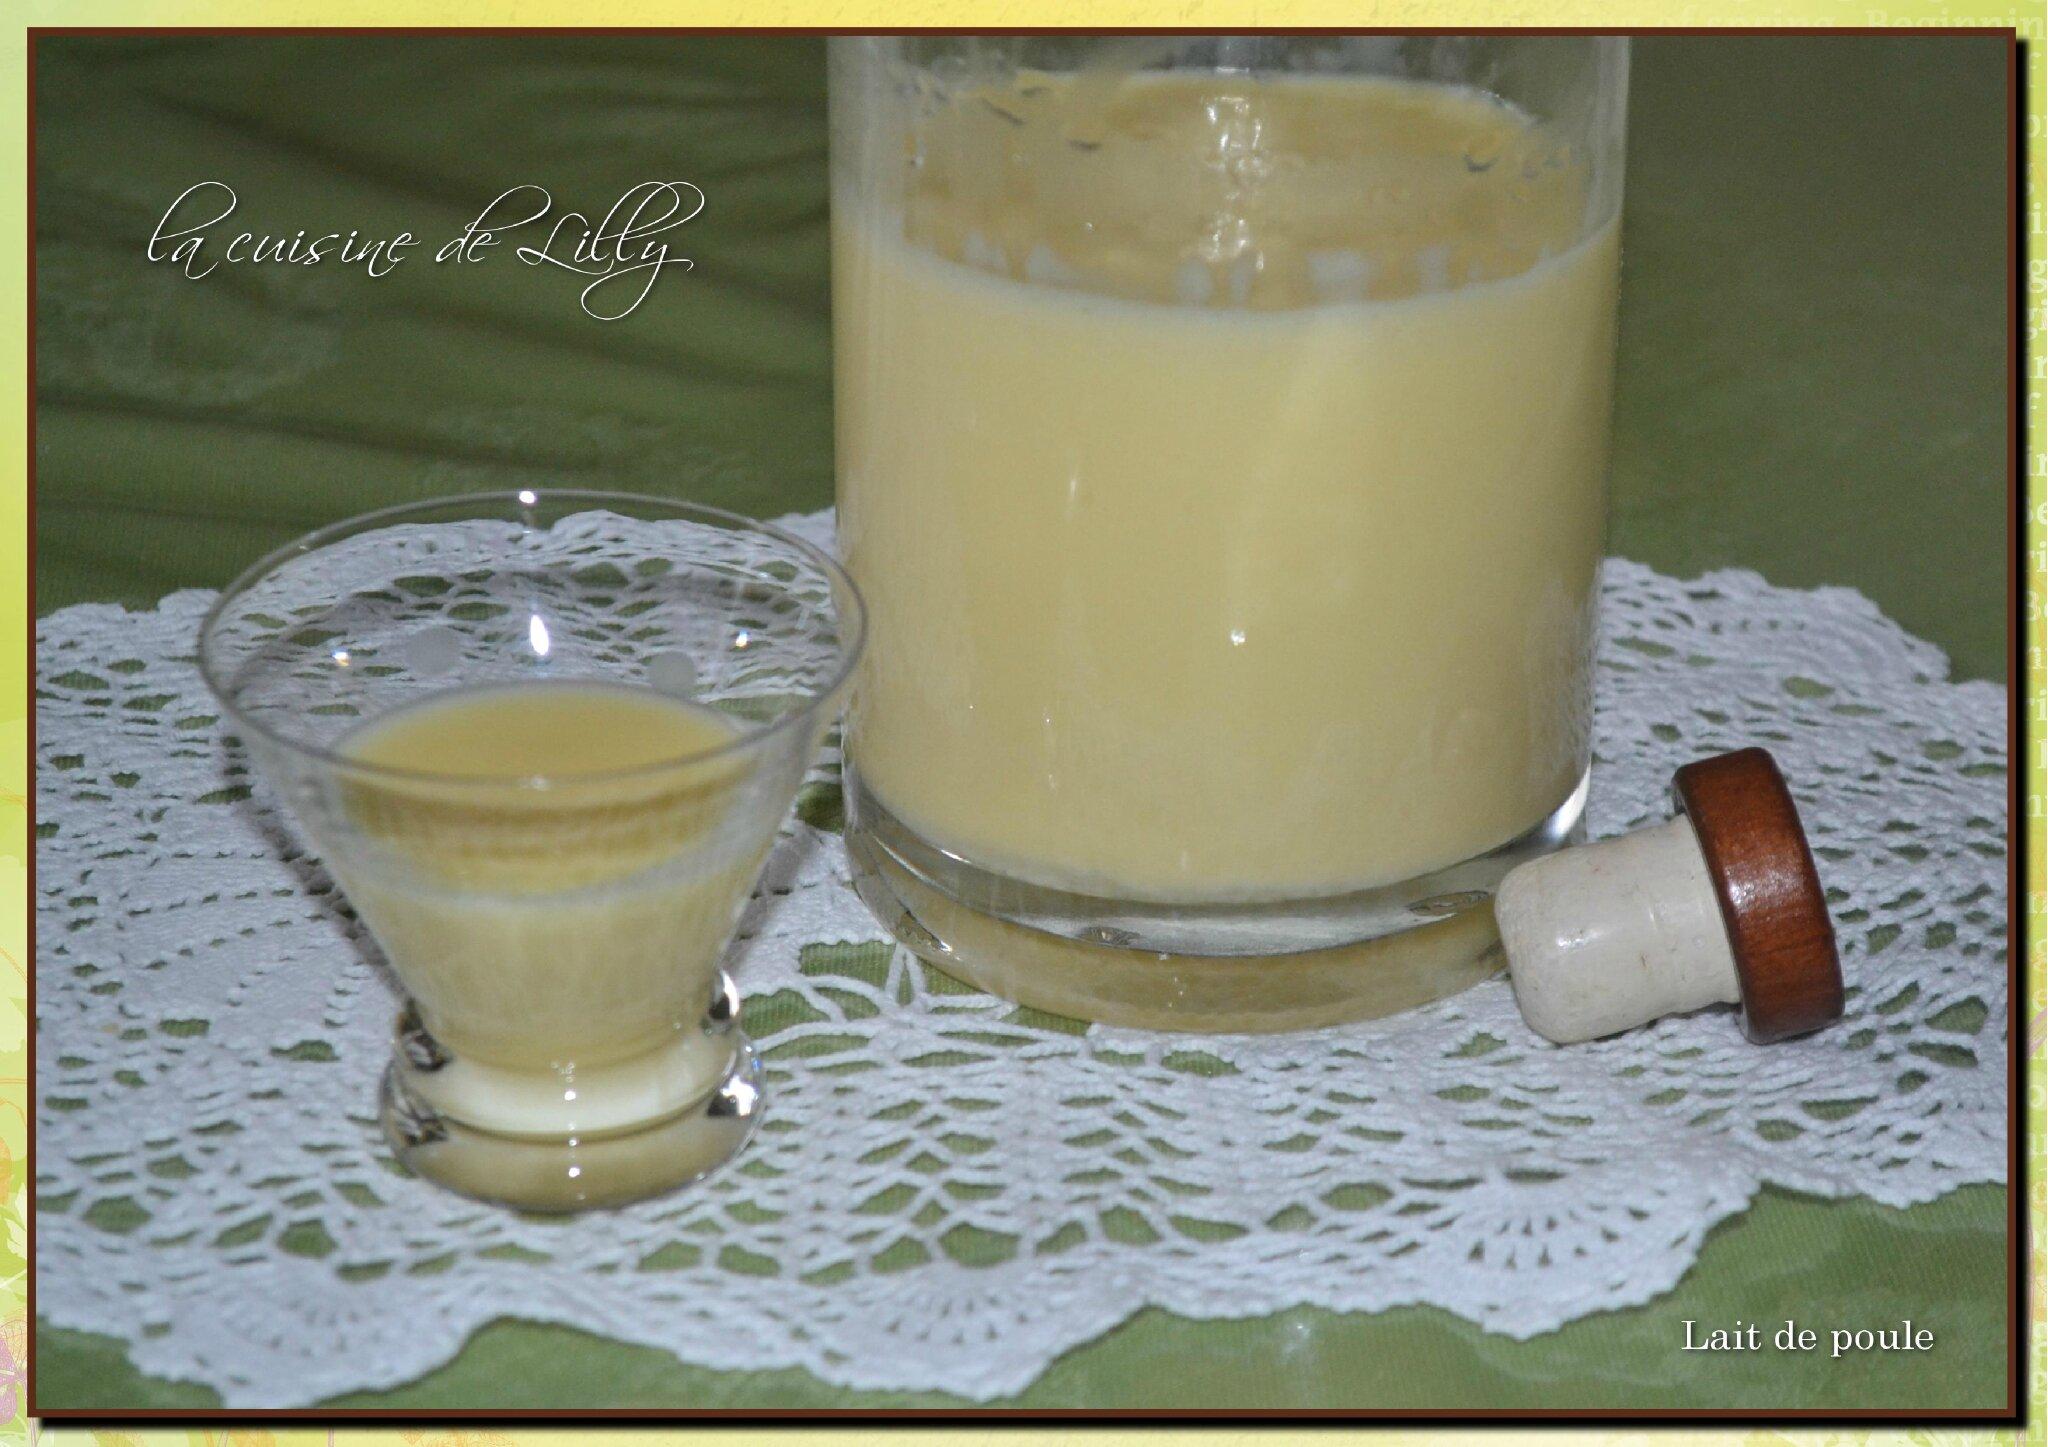 lait de poule la cuisine de lilly